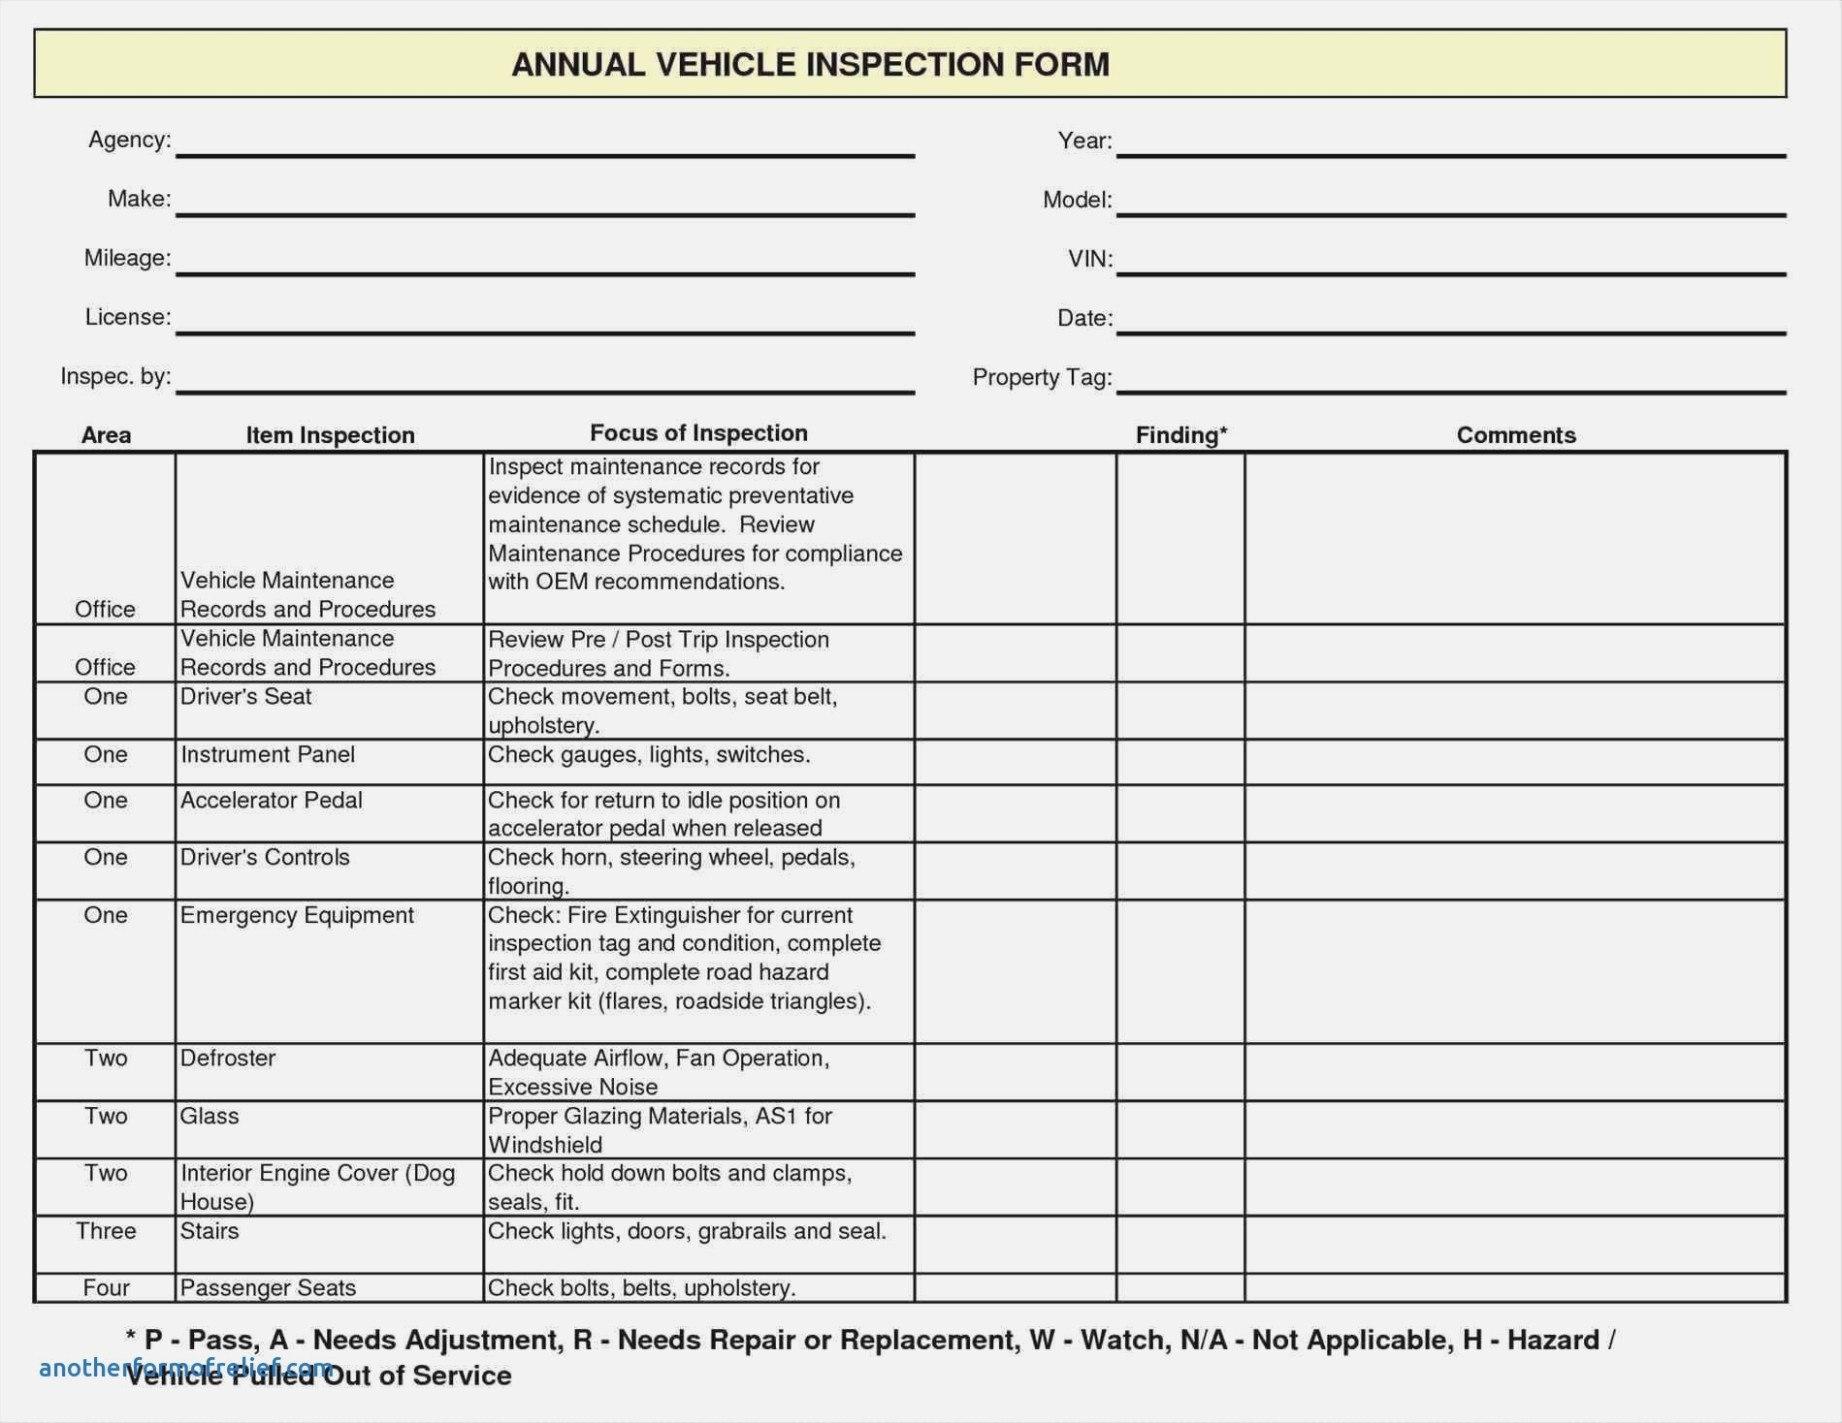 Air Balance Report Template Best Air Balance Report Template Unique In Air Balance Report Template